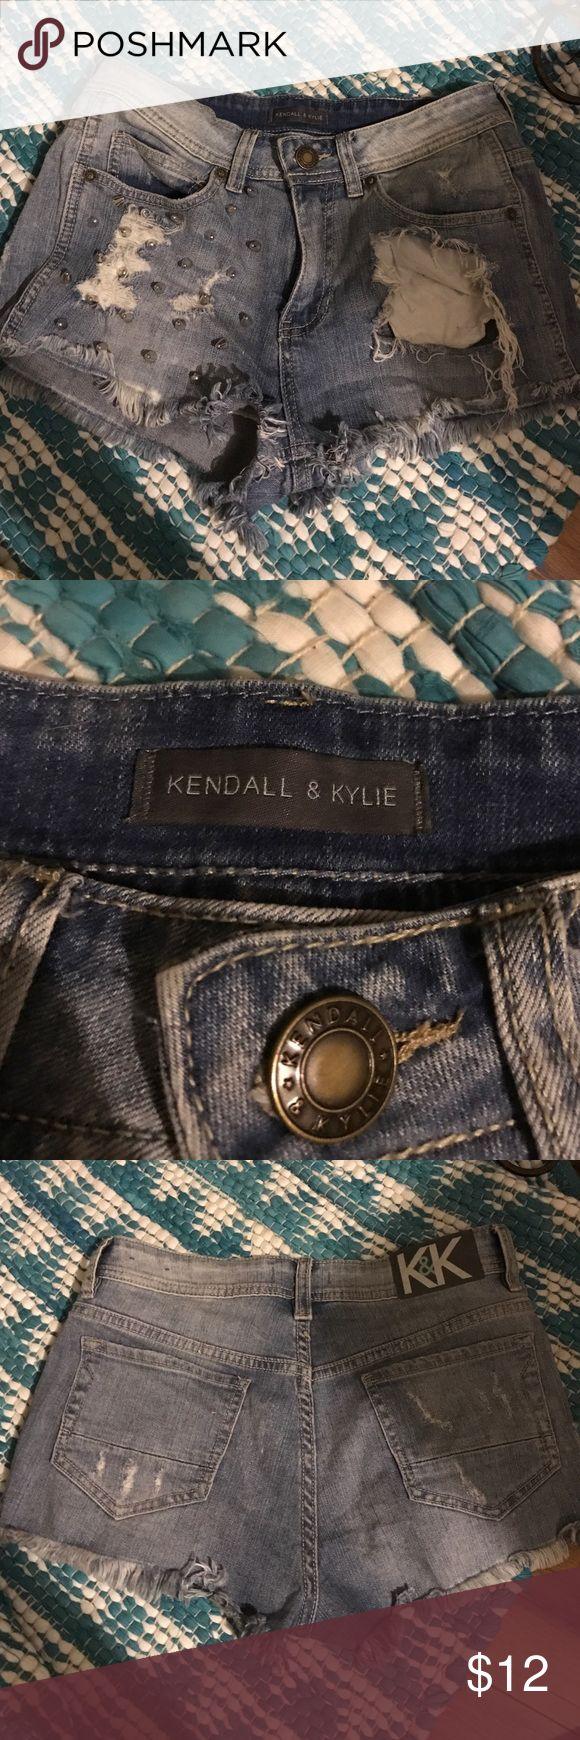 Kendall & Kylie highwasted shorts Stylish shorts only worn once Kendall & Kylie Shorts Jean Shorts